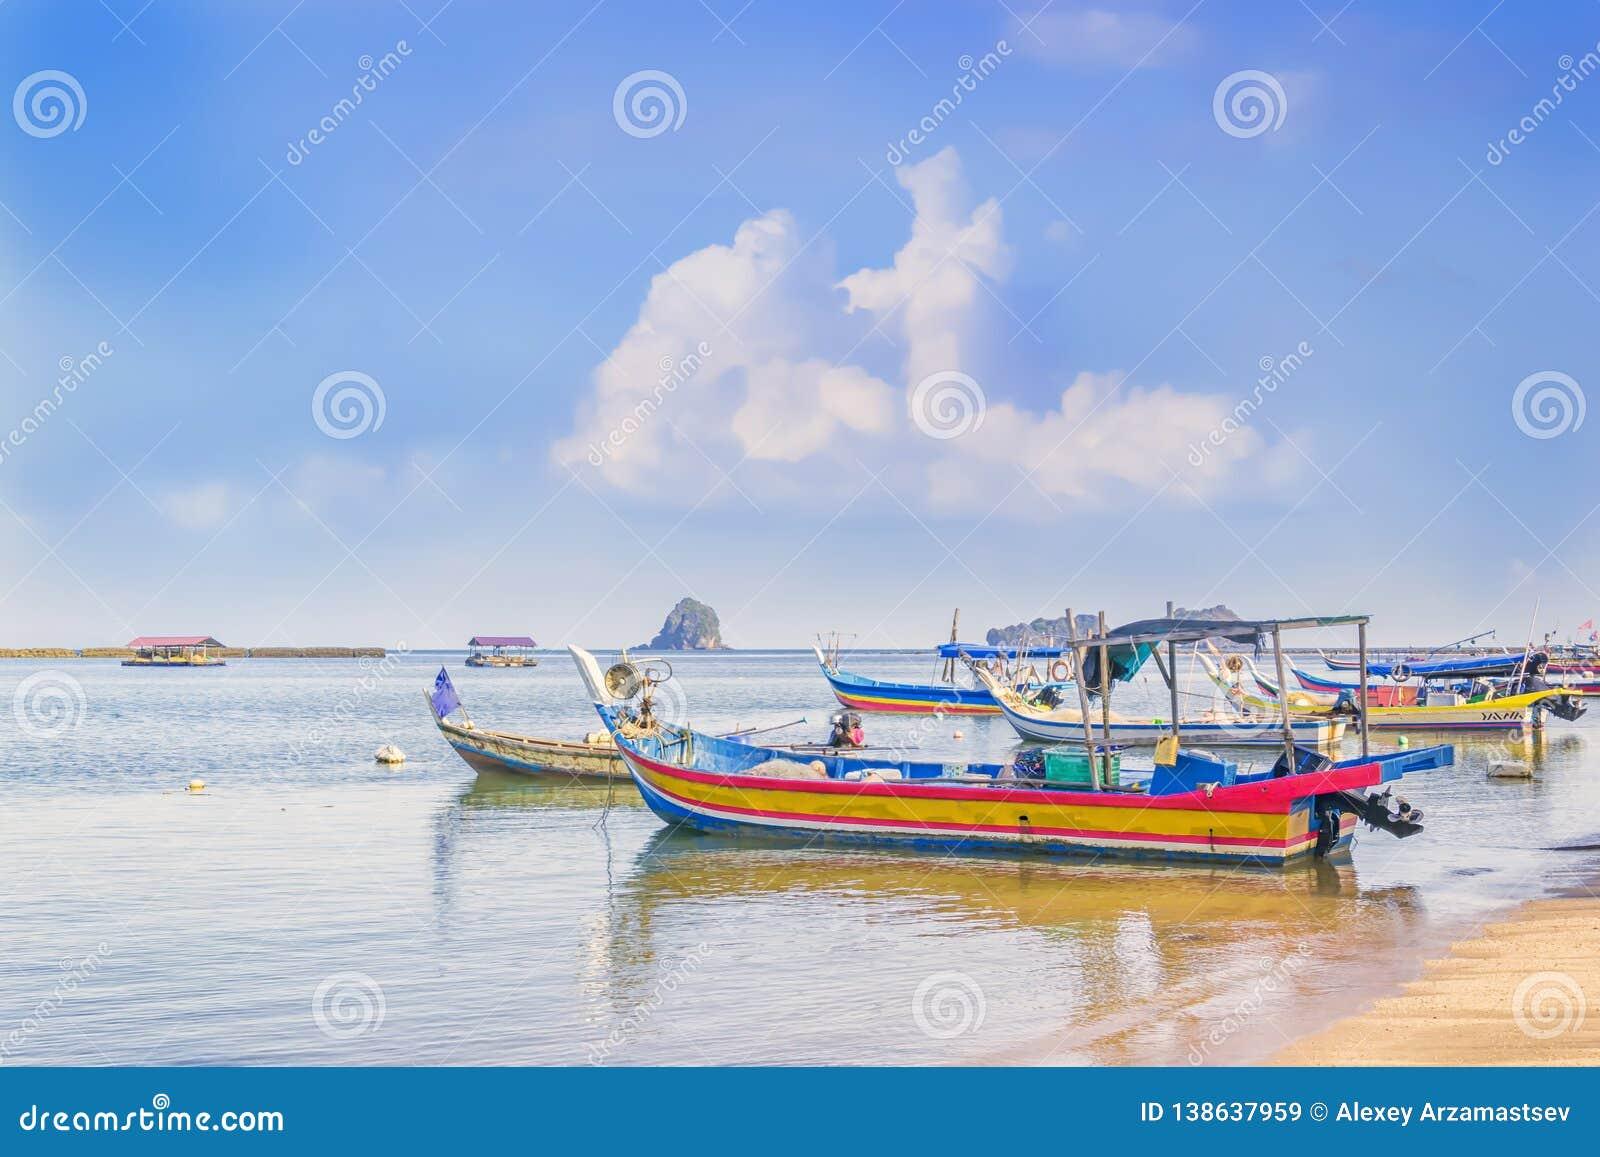 Traditionella asiatiska fiskebåtar med förtjänar parkerat av kusten för gående fiska på en bakgrund för blå himmel med moln